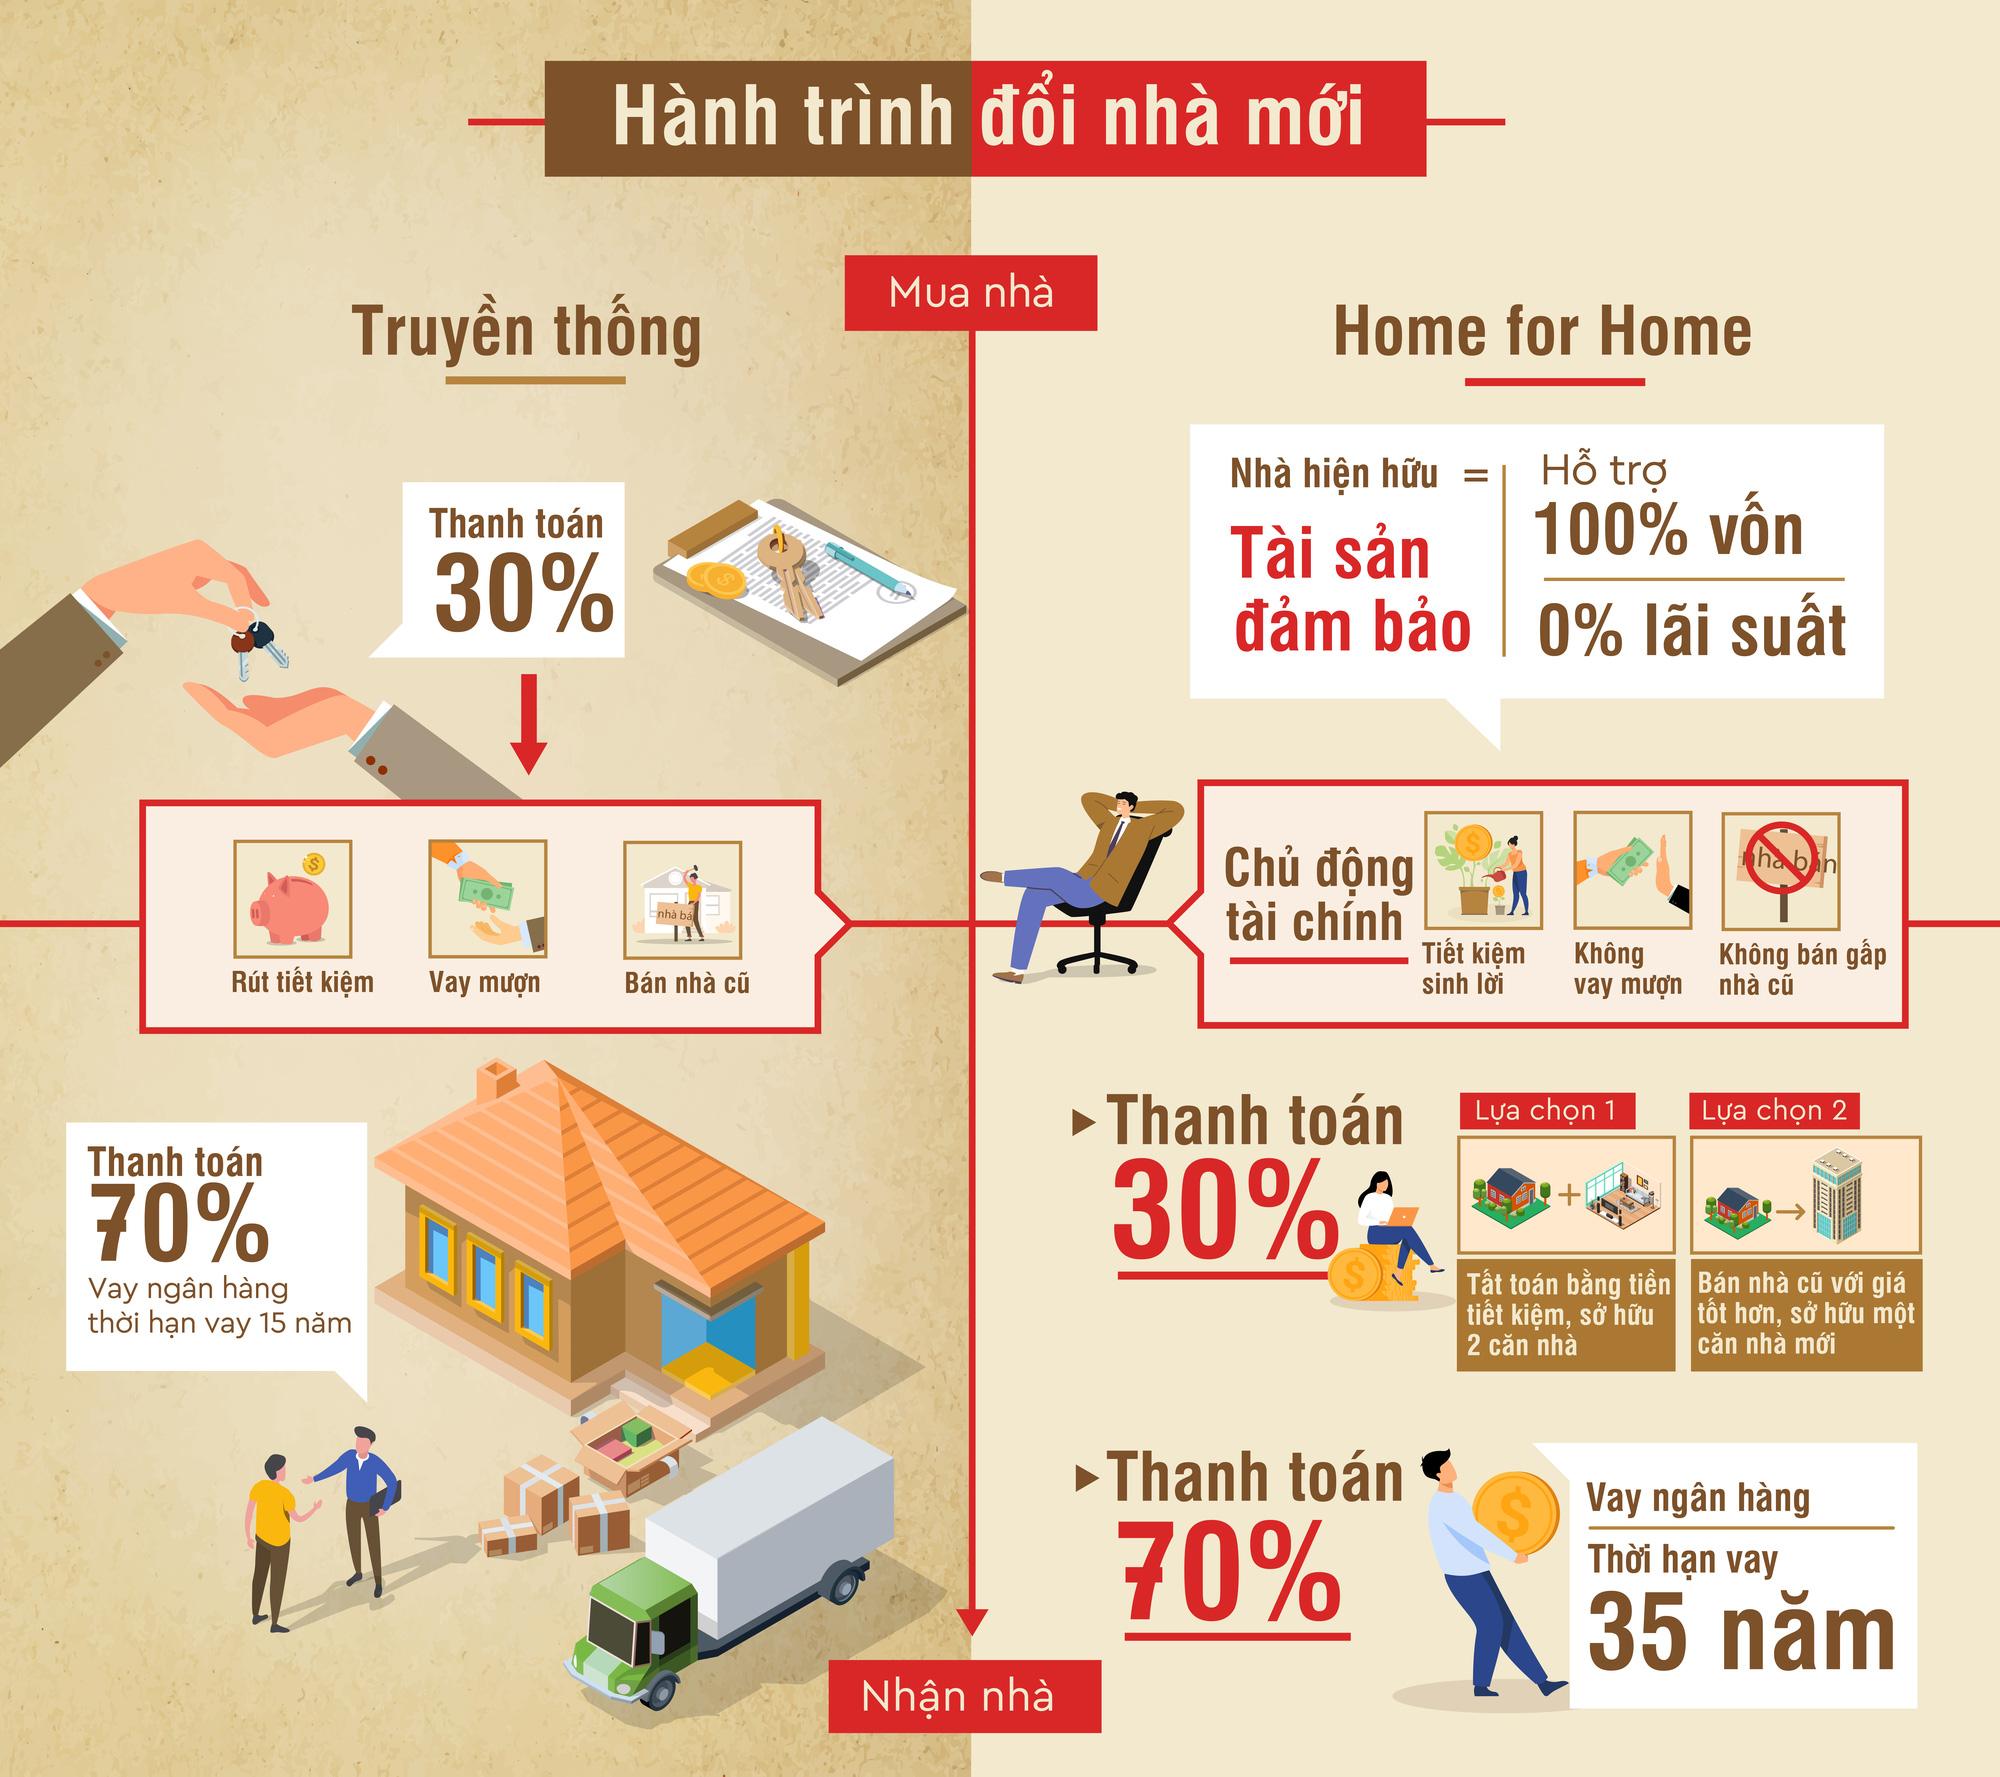 """Hỏi - đáp cùng chuyên gia về """"Home for Home"""": Đổi nhà không cần vốn liệu có khả thi? - Ảnh 5."""